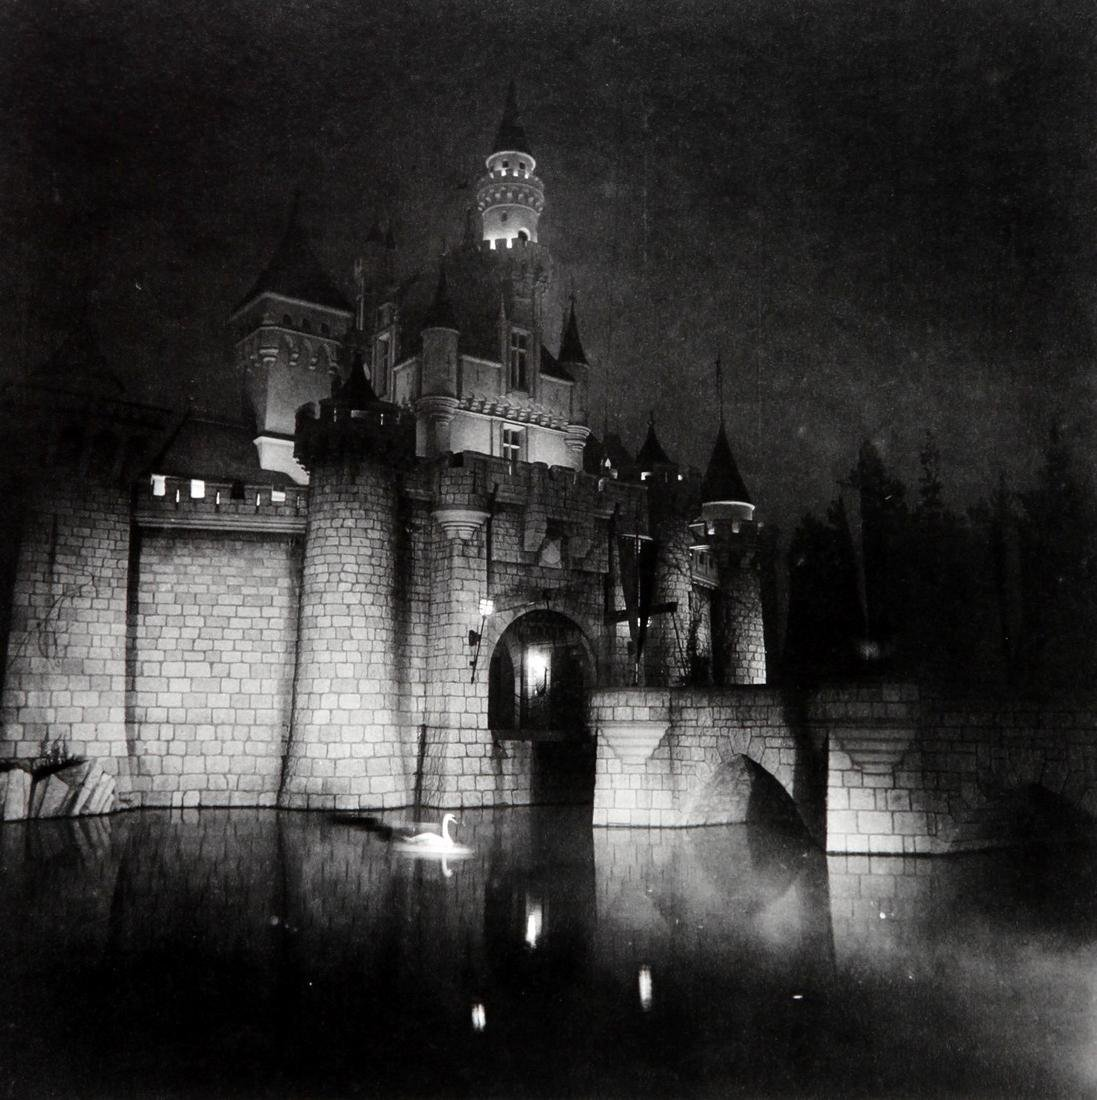 DIANE ARBUS - A castle in Disneyland California 1964